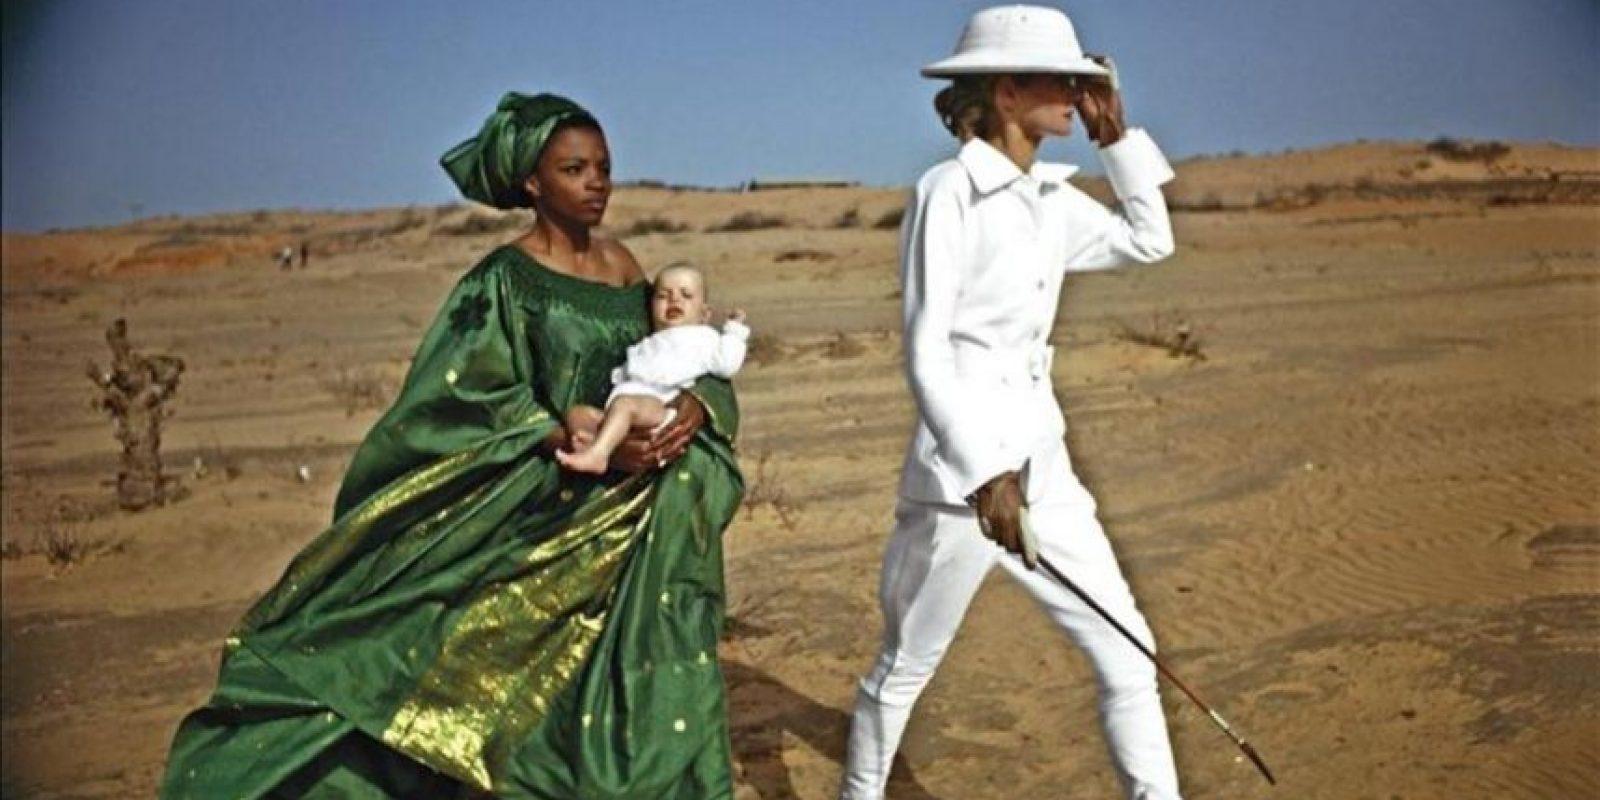 Fotografía facilitada por la editorial Taschen realizada por Helmut Newton en 1971 en Dakar y publicada por Vogue Francia. Un mundo en el que los hombres son un mero decorado, así veía Helmut Newton la vida. EFE